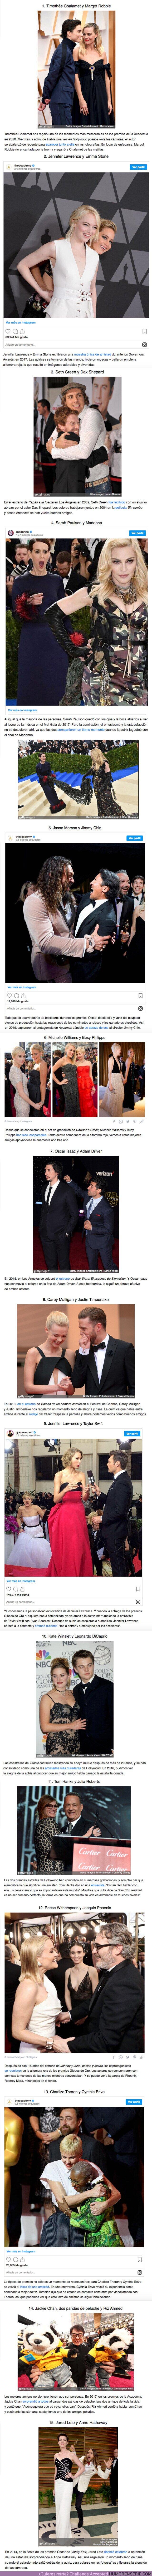 67144 - GALERÍA: 15+ Fotos de famosos que olvidaron que estaban en la alfombra roja y pasaron un buen rato